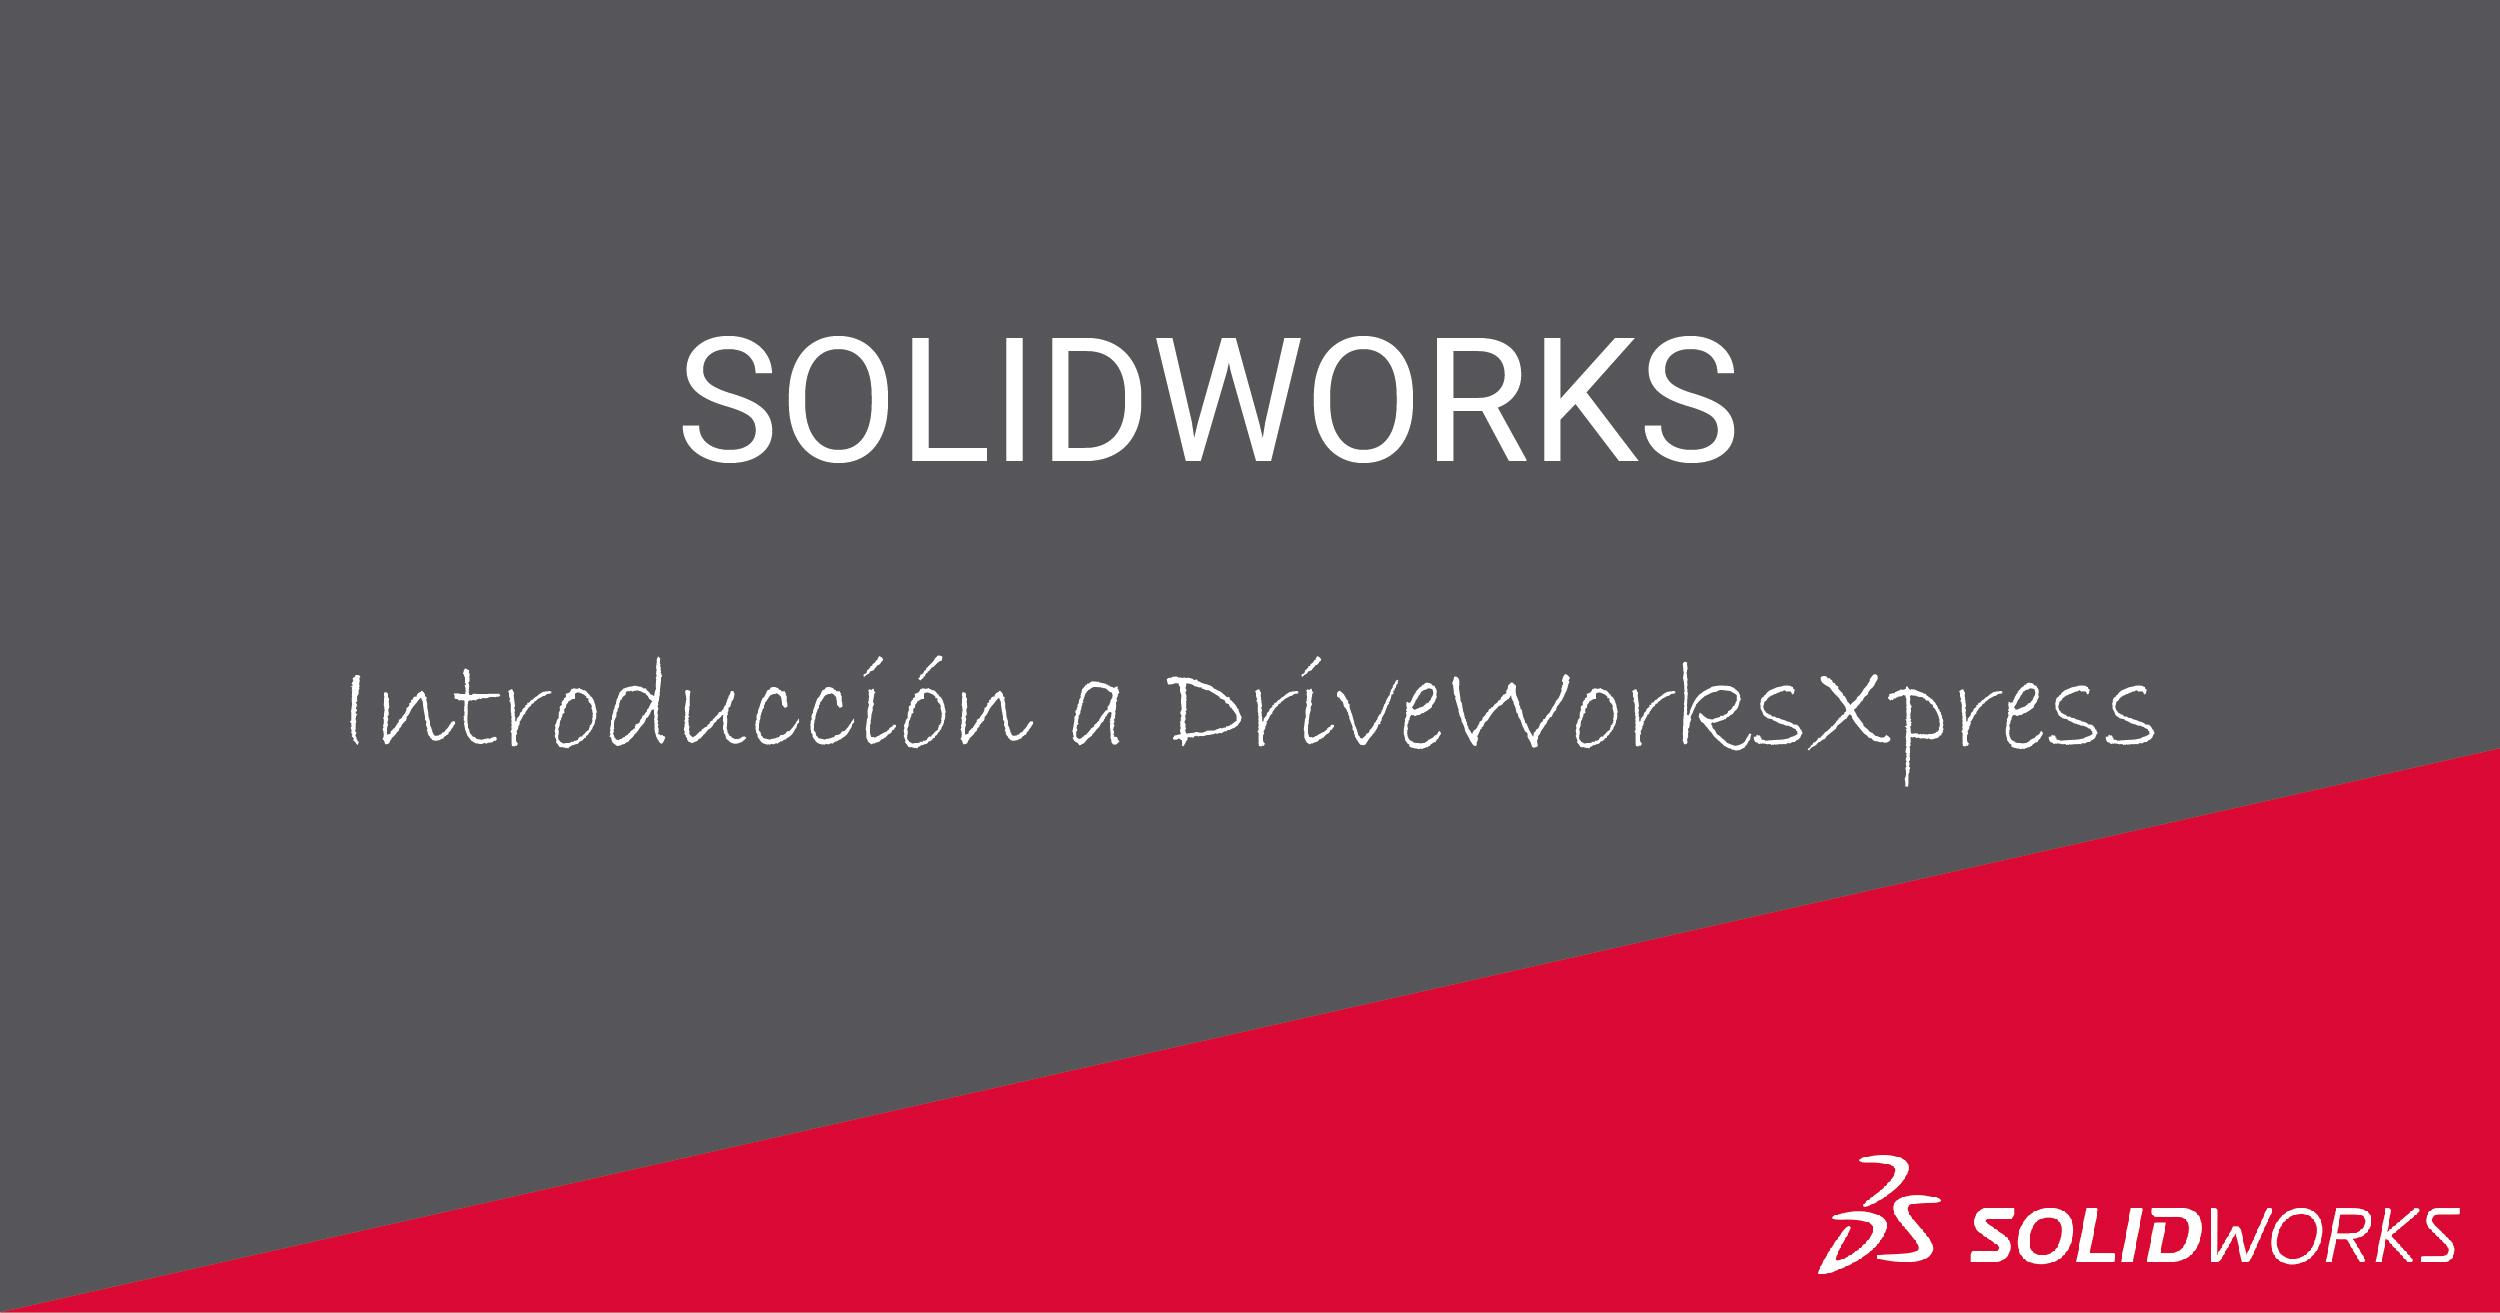 DRIVEWORKSXPRESS ¿Qué es? ¿Cómo activarlo? - SOLIDWORKS